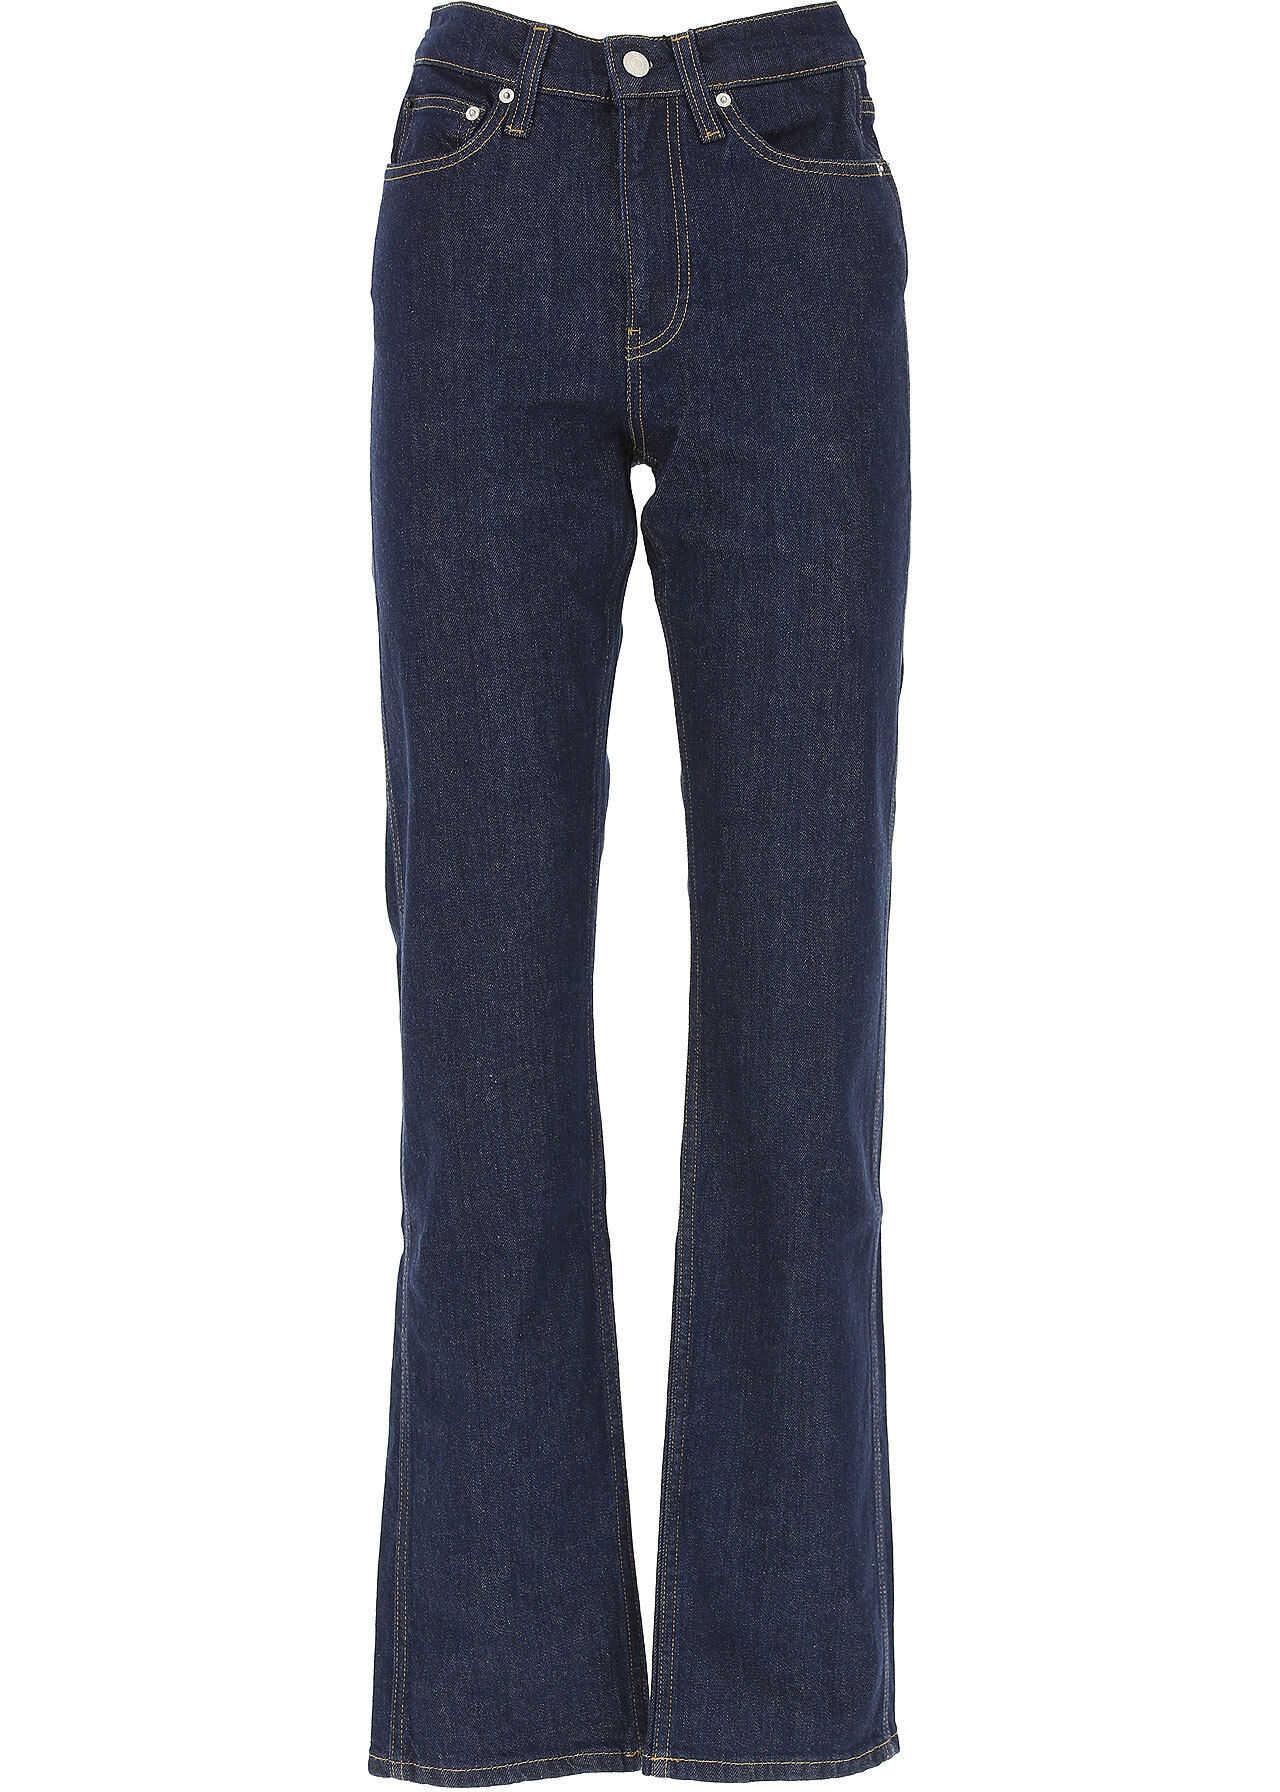 Calvin Klein Jeans J20J209771911 Cotton Jeans BLUE